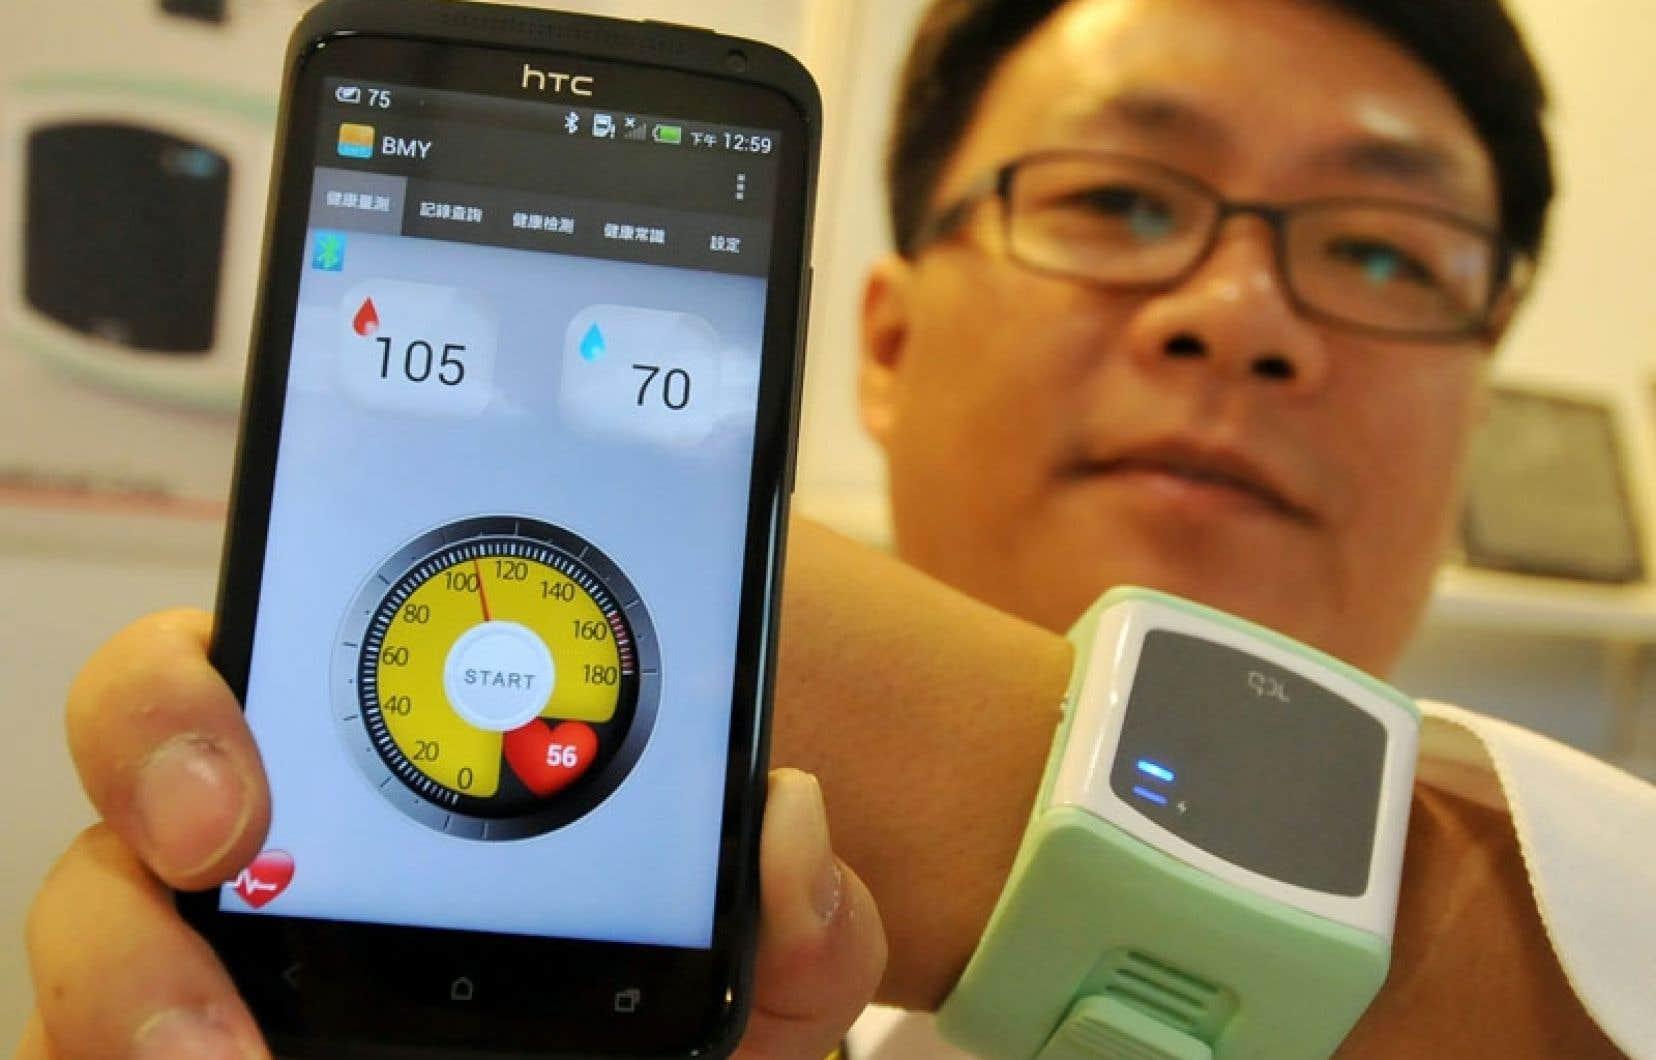 L'ère des objets dits «intelligents» est bel et bien en route. Au salon Computex de Taipei, ces gadgets sont omniprésents, comme ce bracelet qui permet de suivre son état de santé.